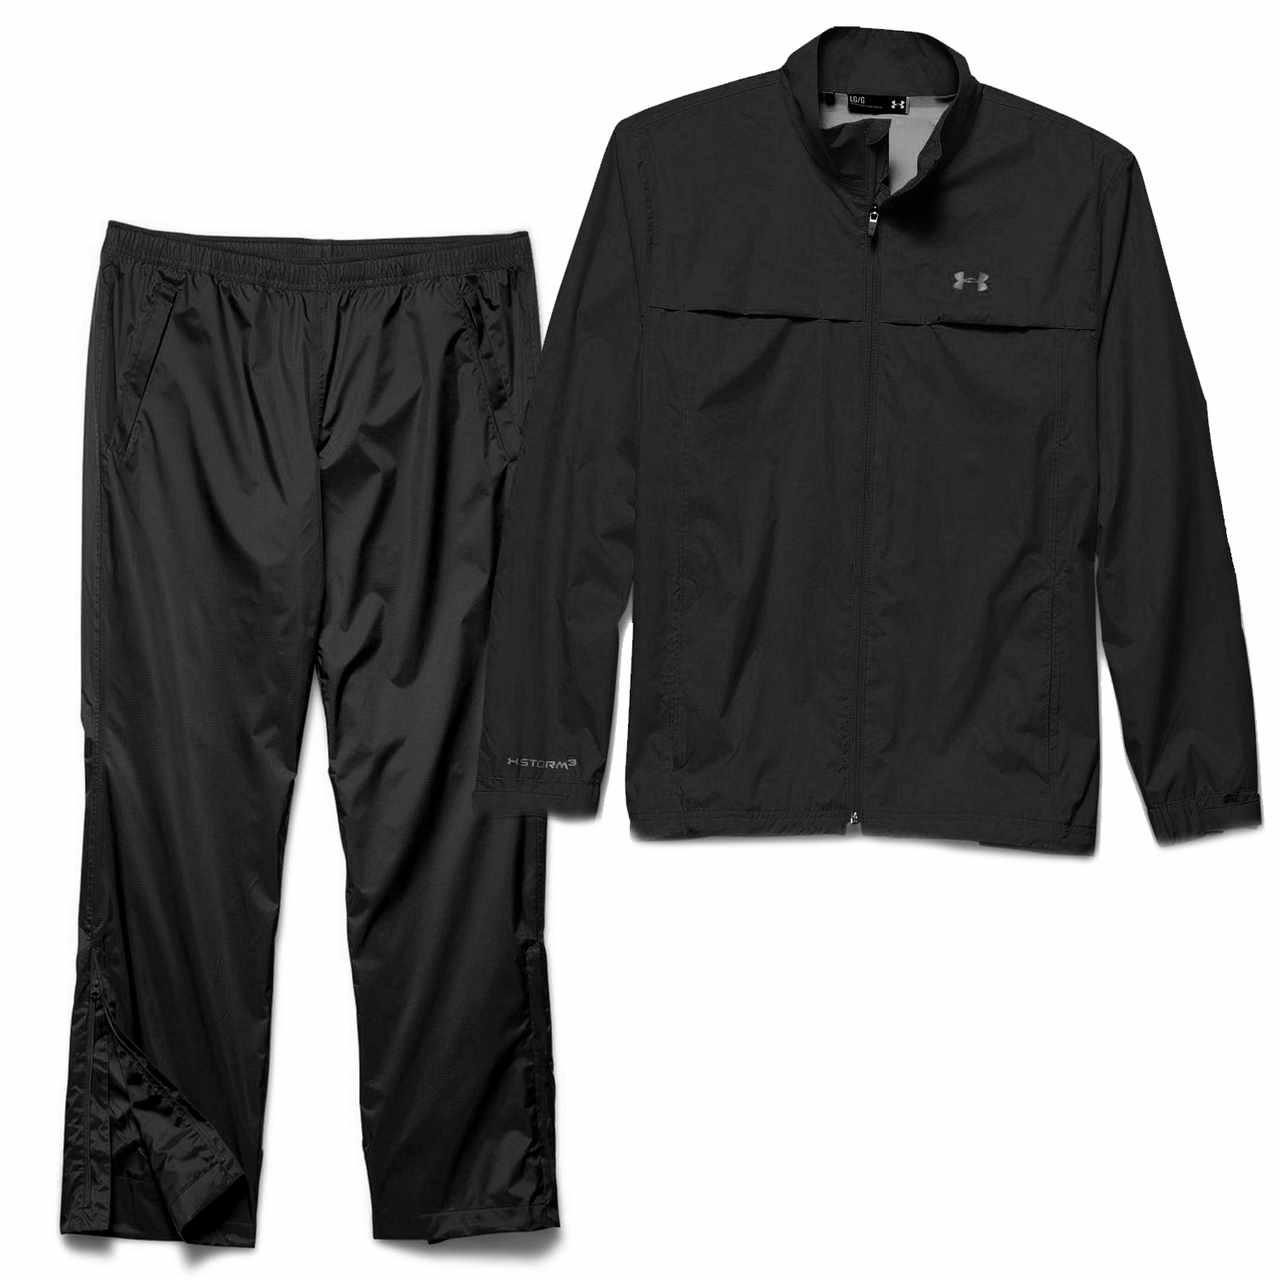 2fb8758a71c1 Under Armour Men s Storm Golf Rain Suit - Black